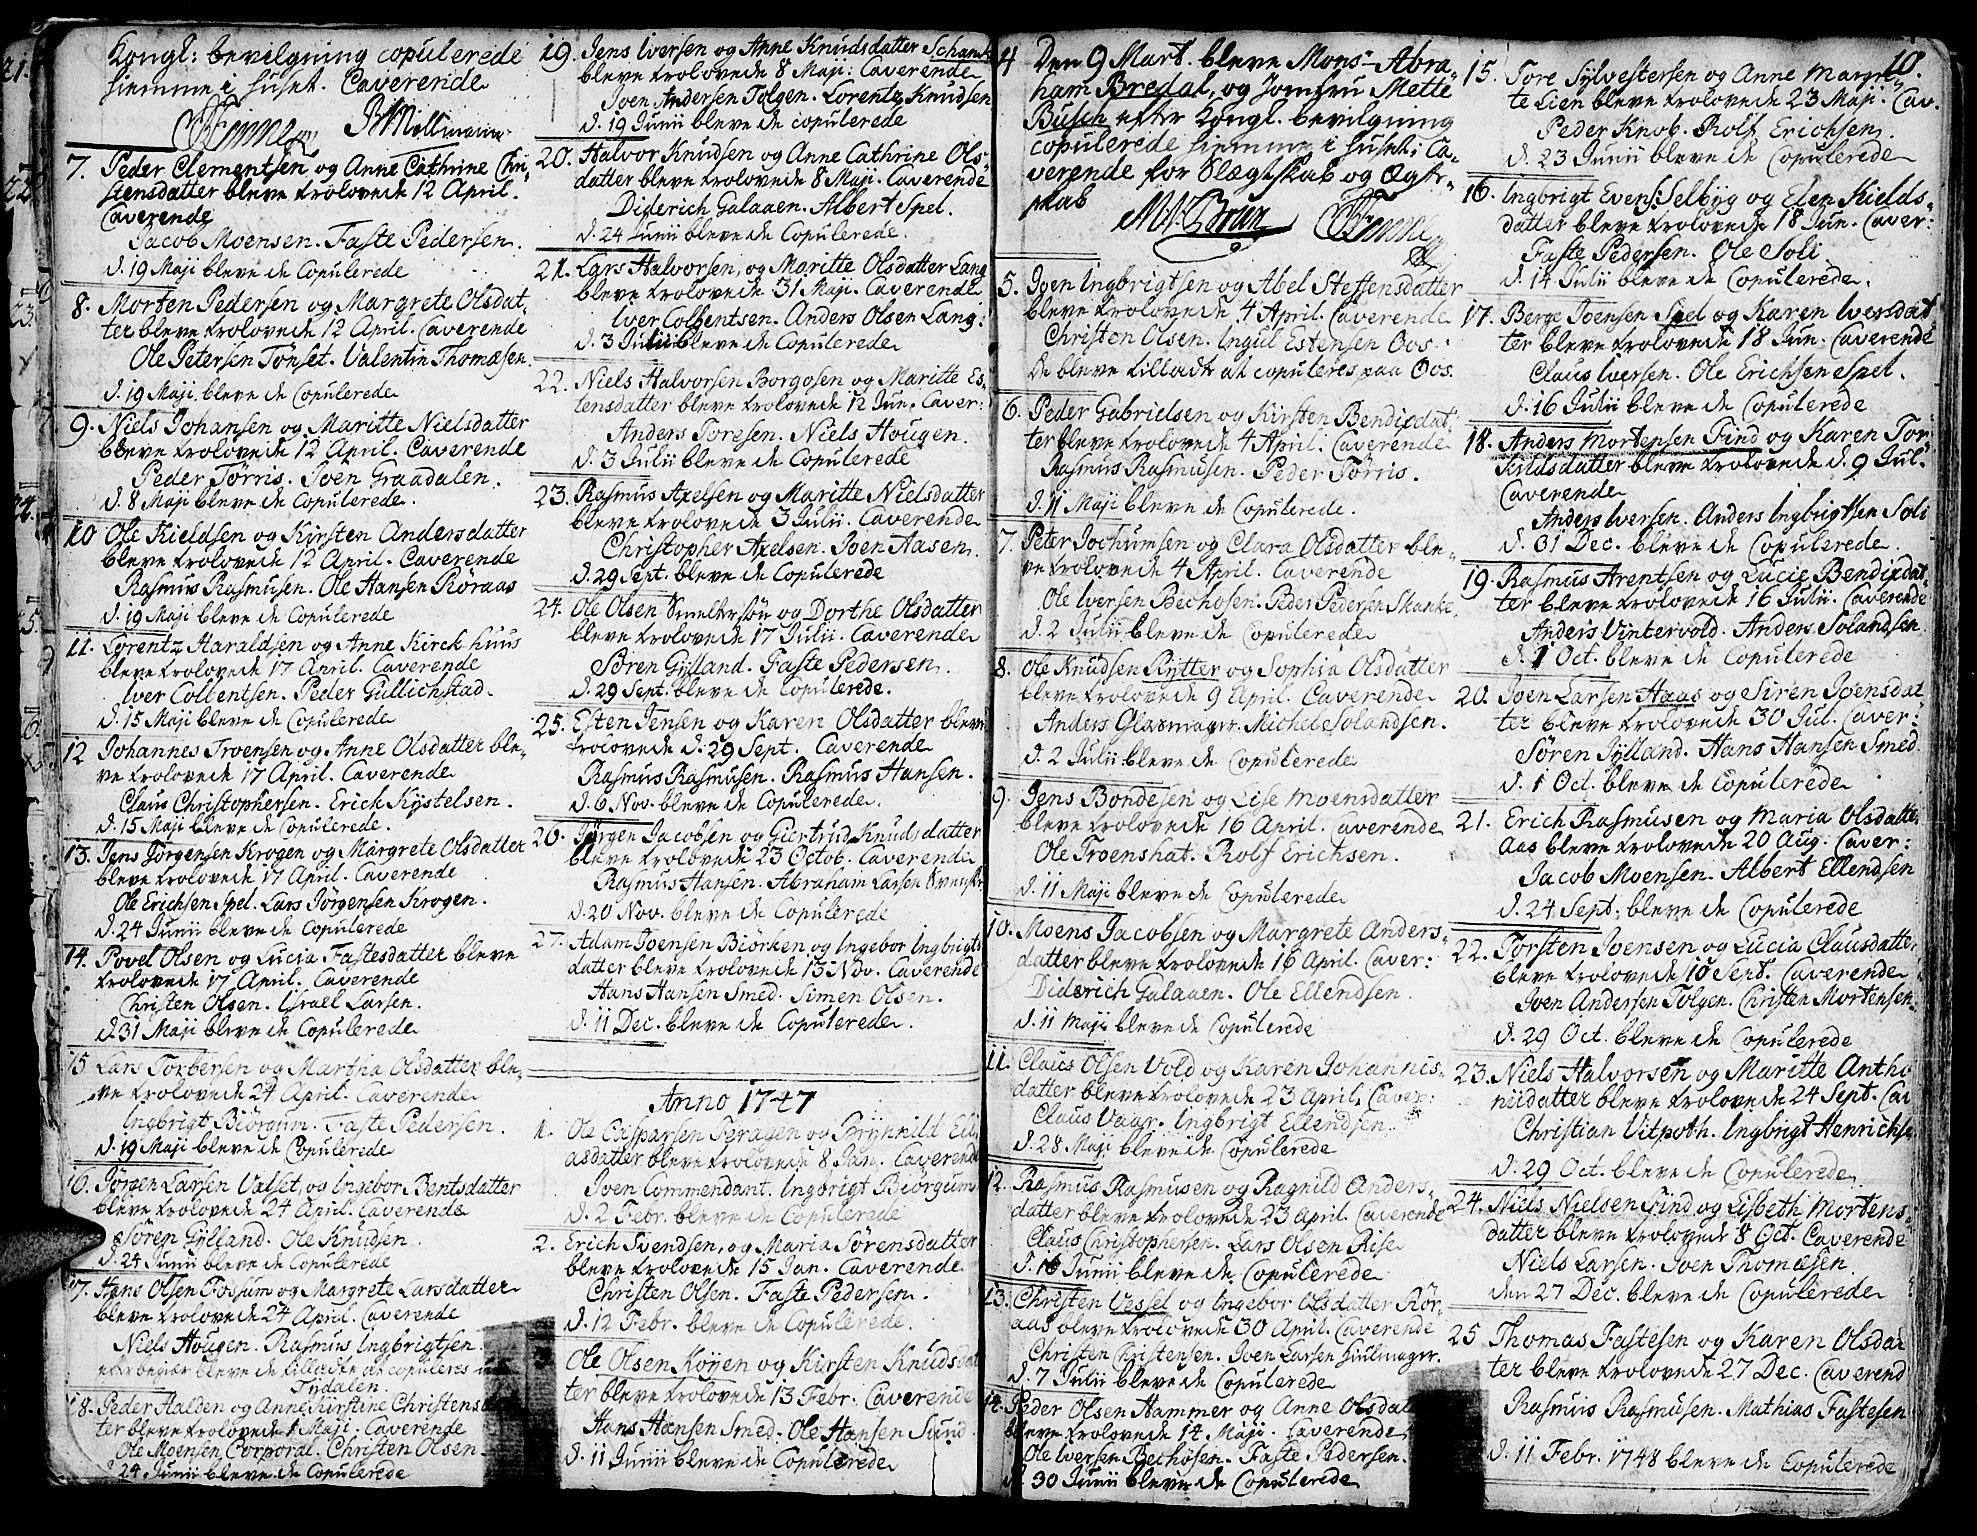 SAT, Ministerialprotokoller, klokkerbøker og fødselsregistre - Sør-Trøndelag, 681/L0925: Ministerialbok nr. 681A03, 1727-1766, s. 10